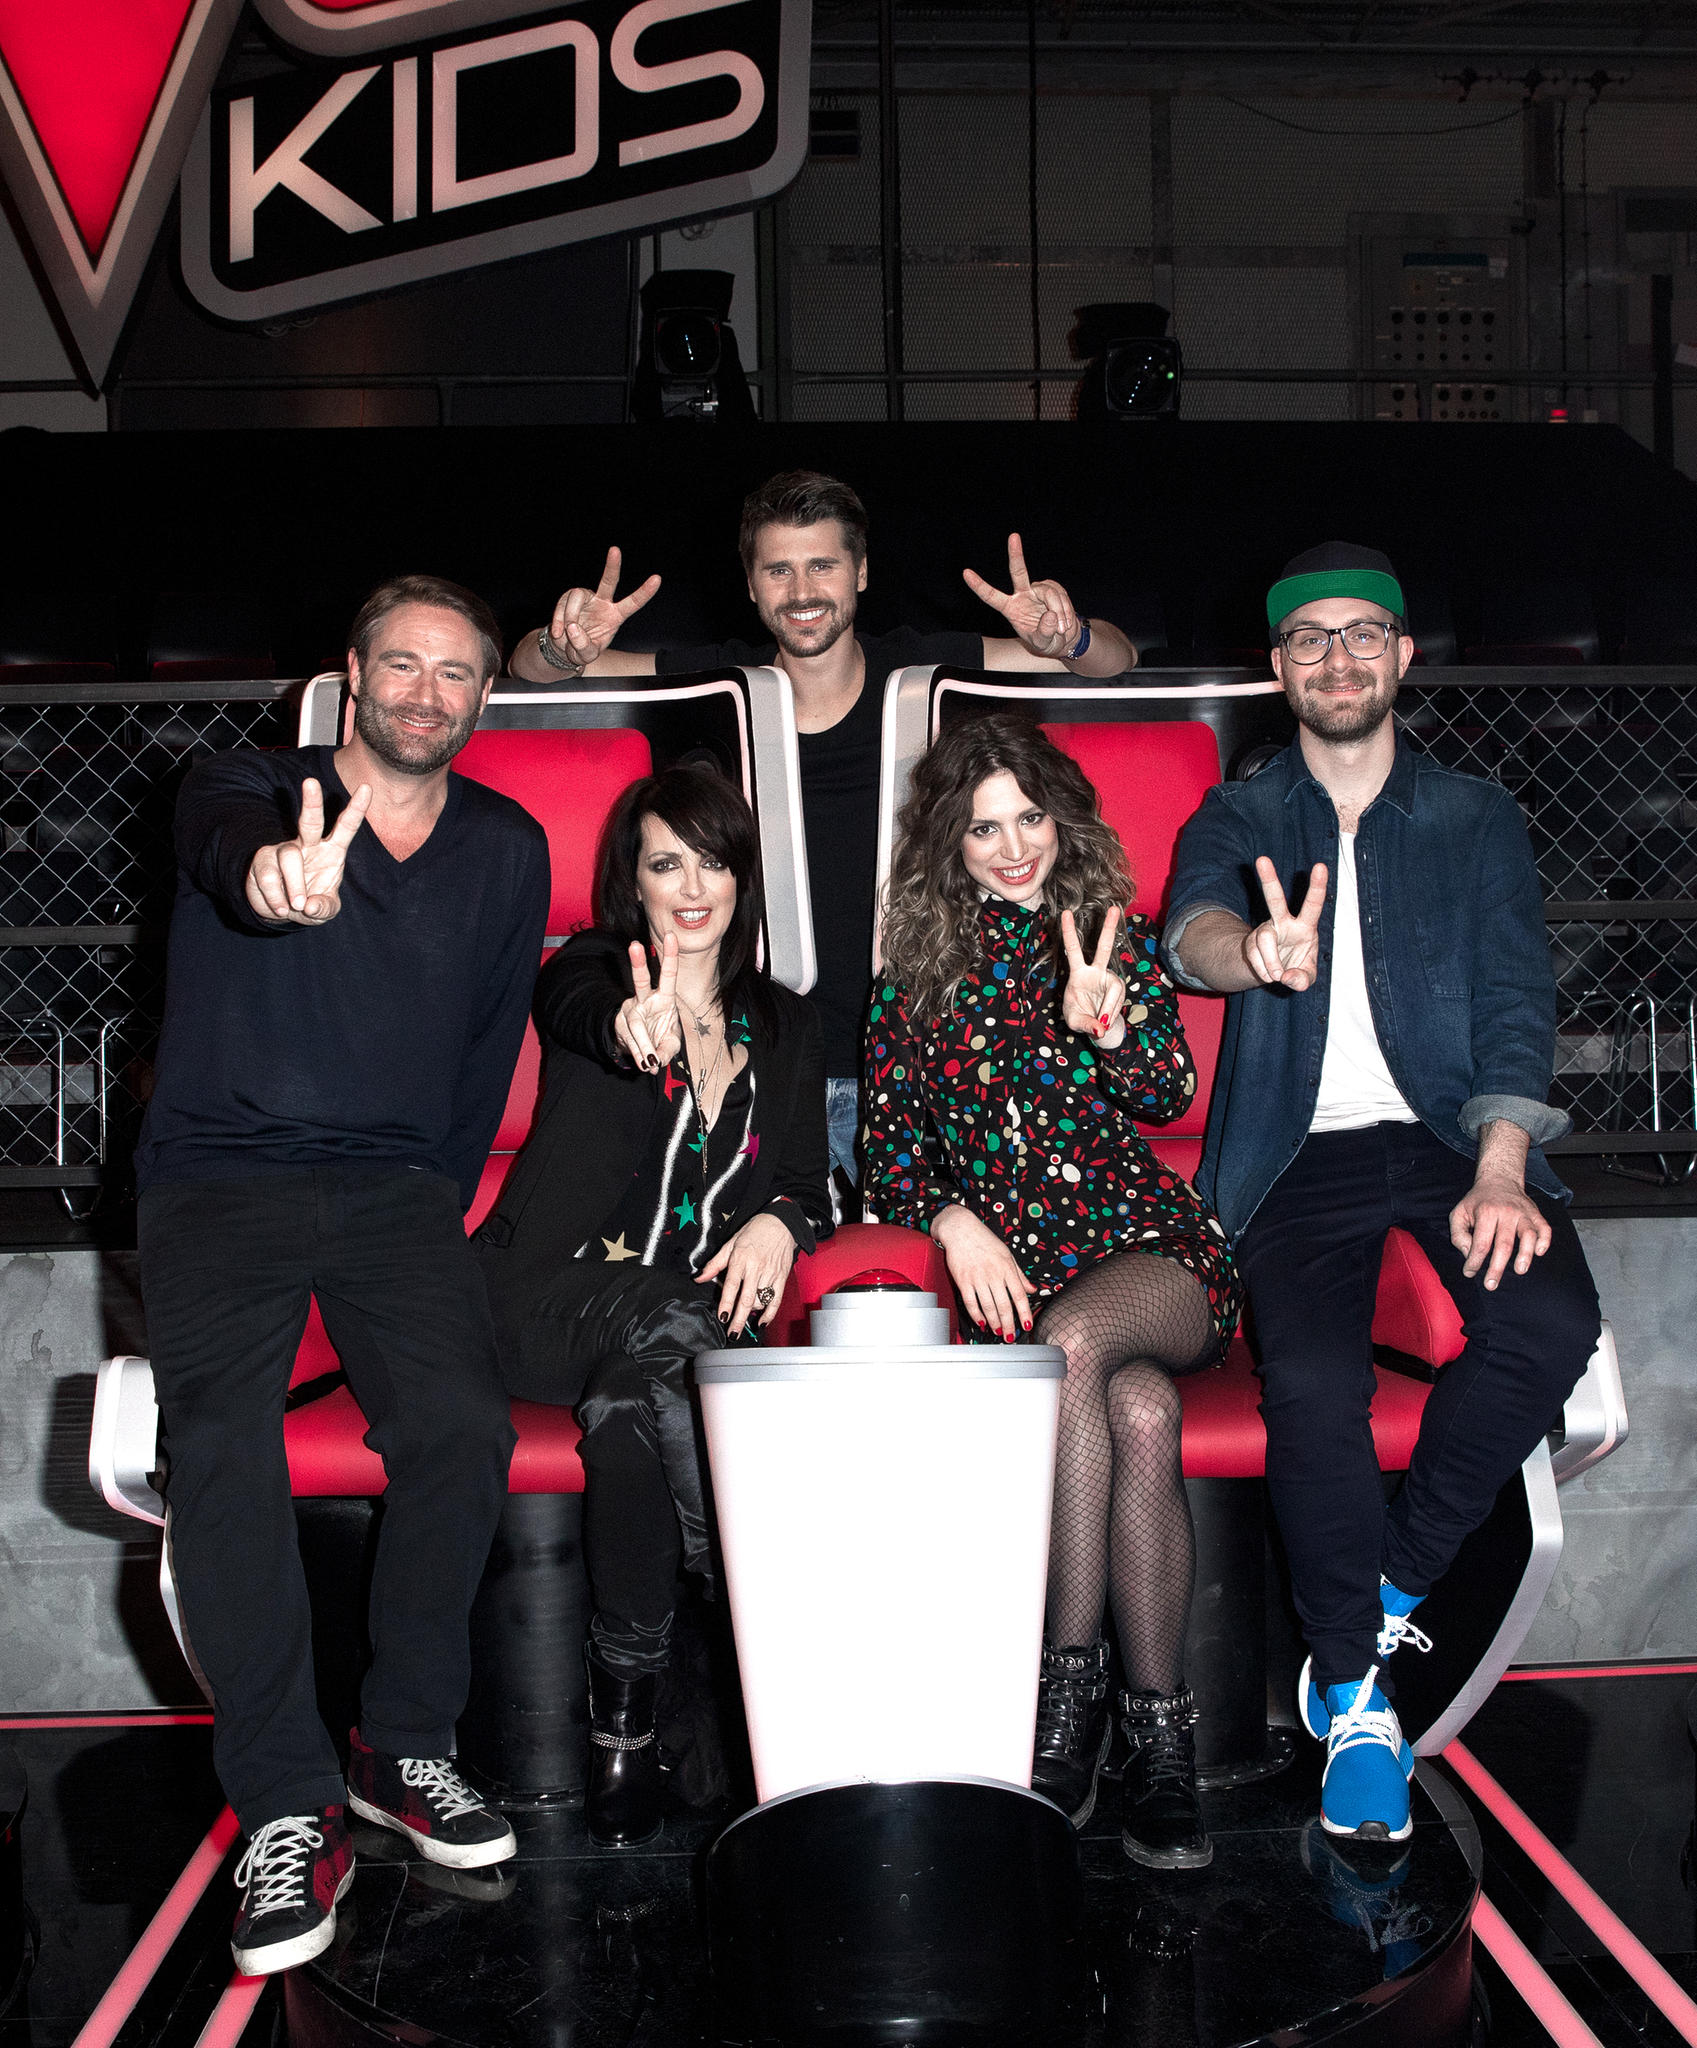 """21. Januar 2017: Bald geht die neue Staffel """"The Voice Kids"""" los. Hier stellt sich die Jury und der Moderator den Kameras. Von Links: Sasha, Nena, Thore Schölermann, Larissa Kerner und Mark Foster."""